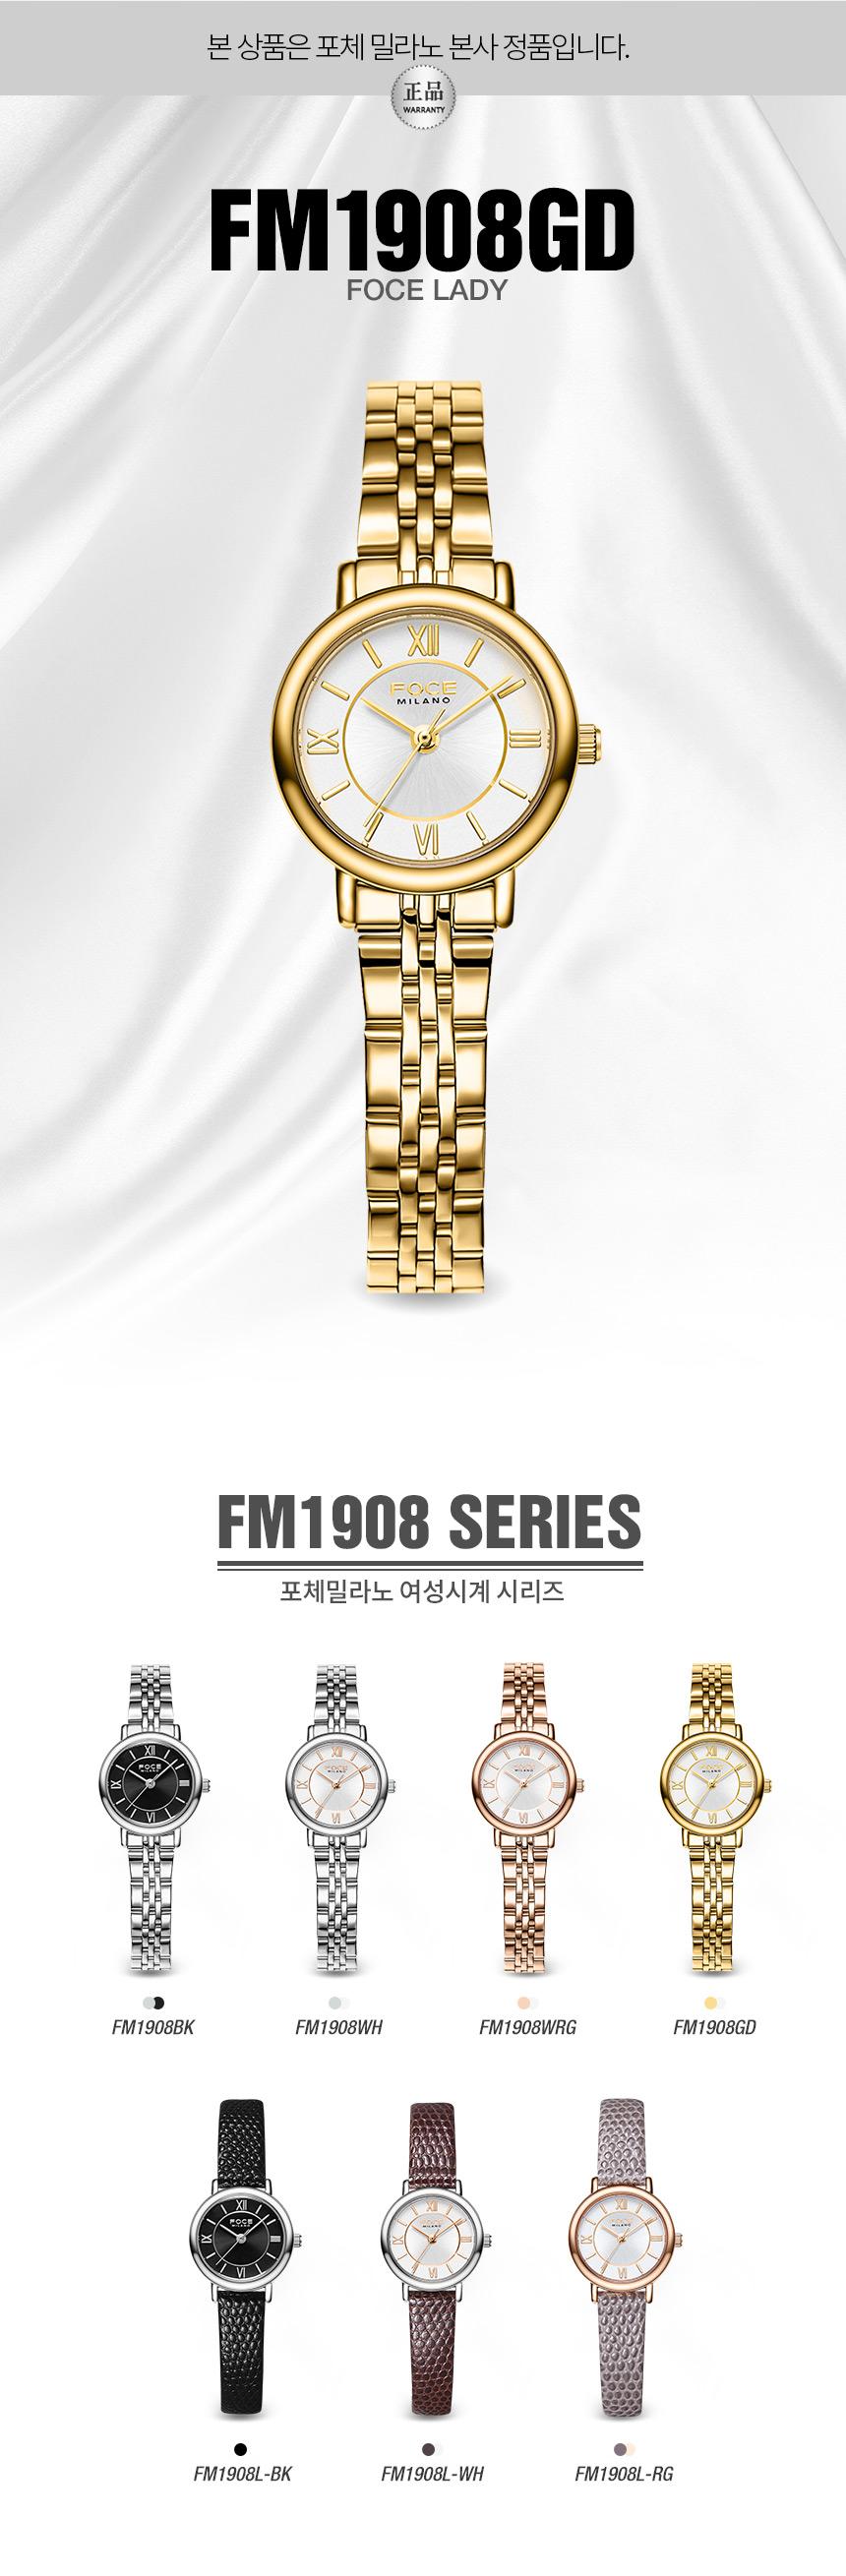 포체 레이디(FOCE LADY) 23mm 여성 골드 메탈시계 FM1908GD